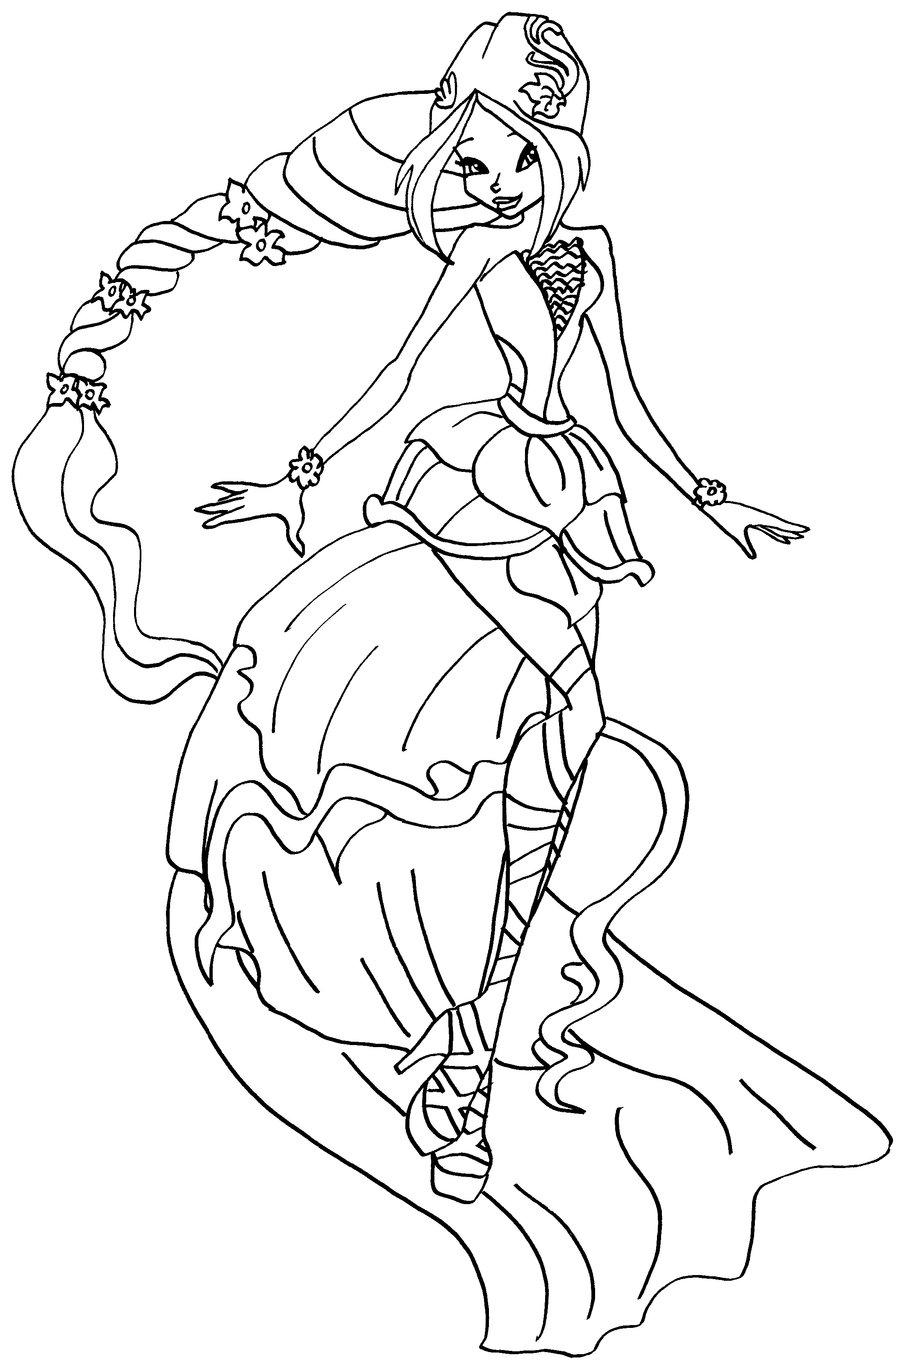 Hình tập tô công chúa phép thuật